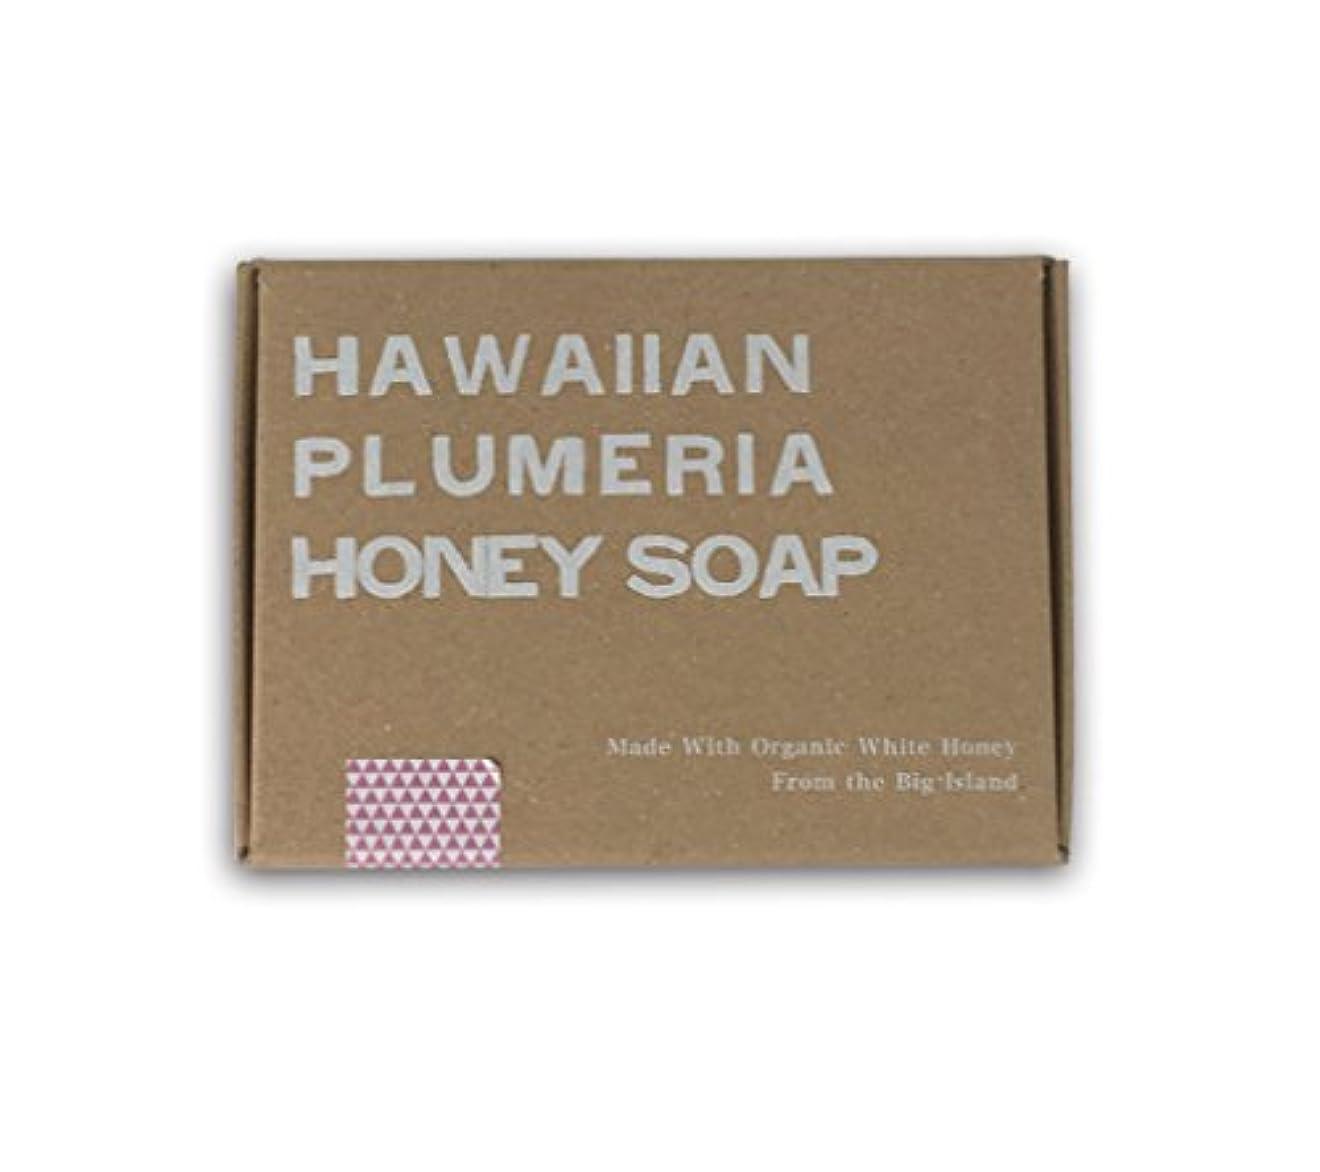 週間シリアルタイプホワイトハニーオーガニクス ハワイアン?プルメリア?ハニーソープ (Hawaiian Plumeria Honey Soap)